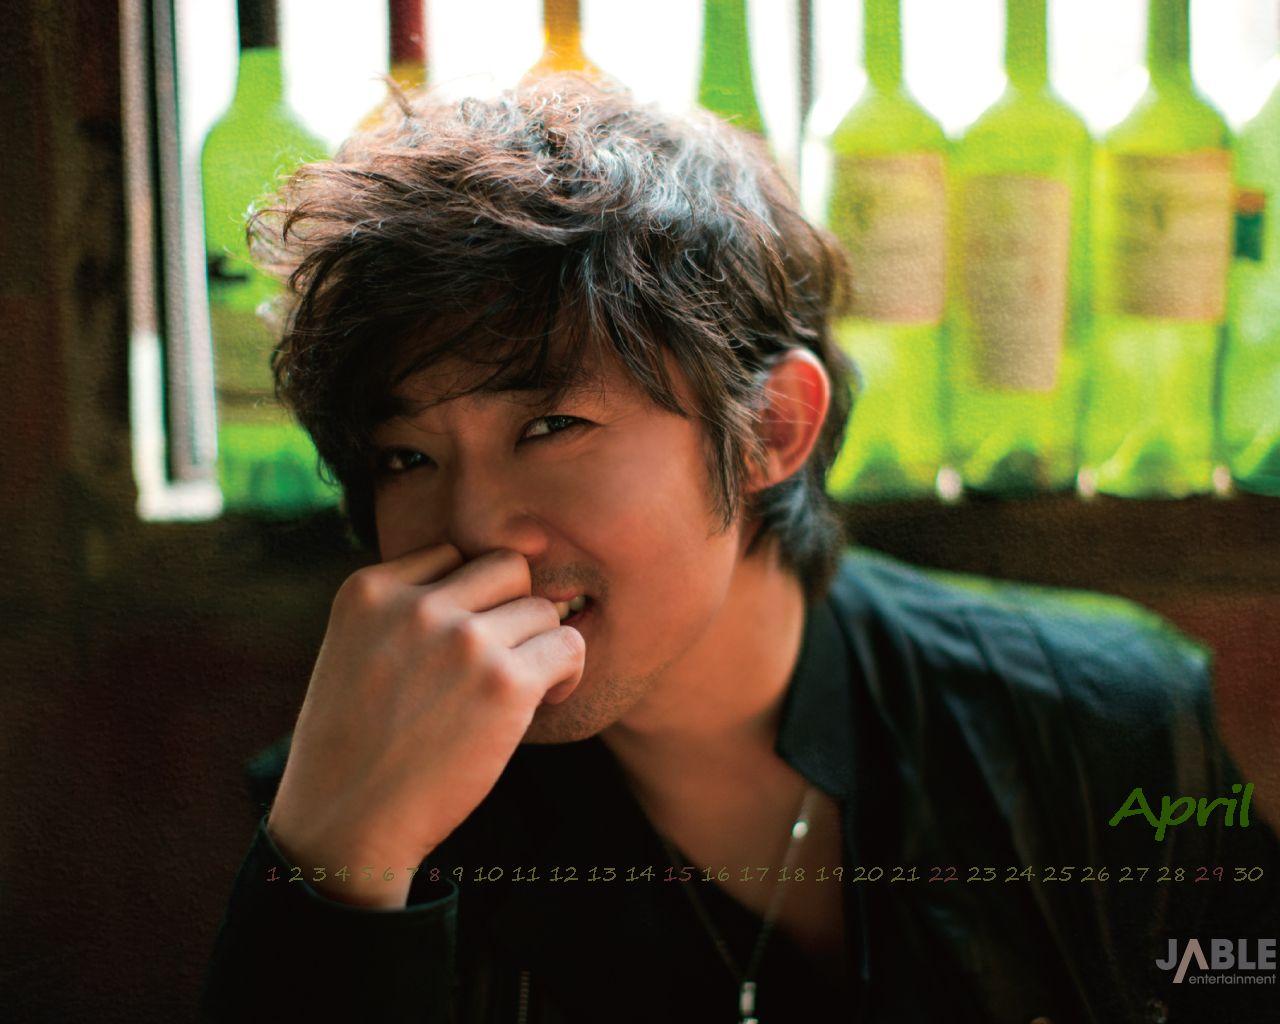 pic+of+ahn+jae+wook | Calendarios - Wallpaper de la Pagina Oficial de Ahn Jae Wook